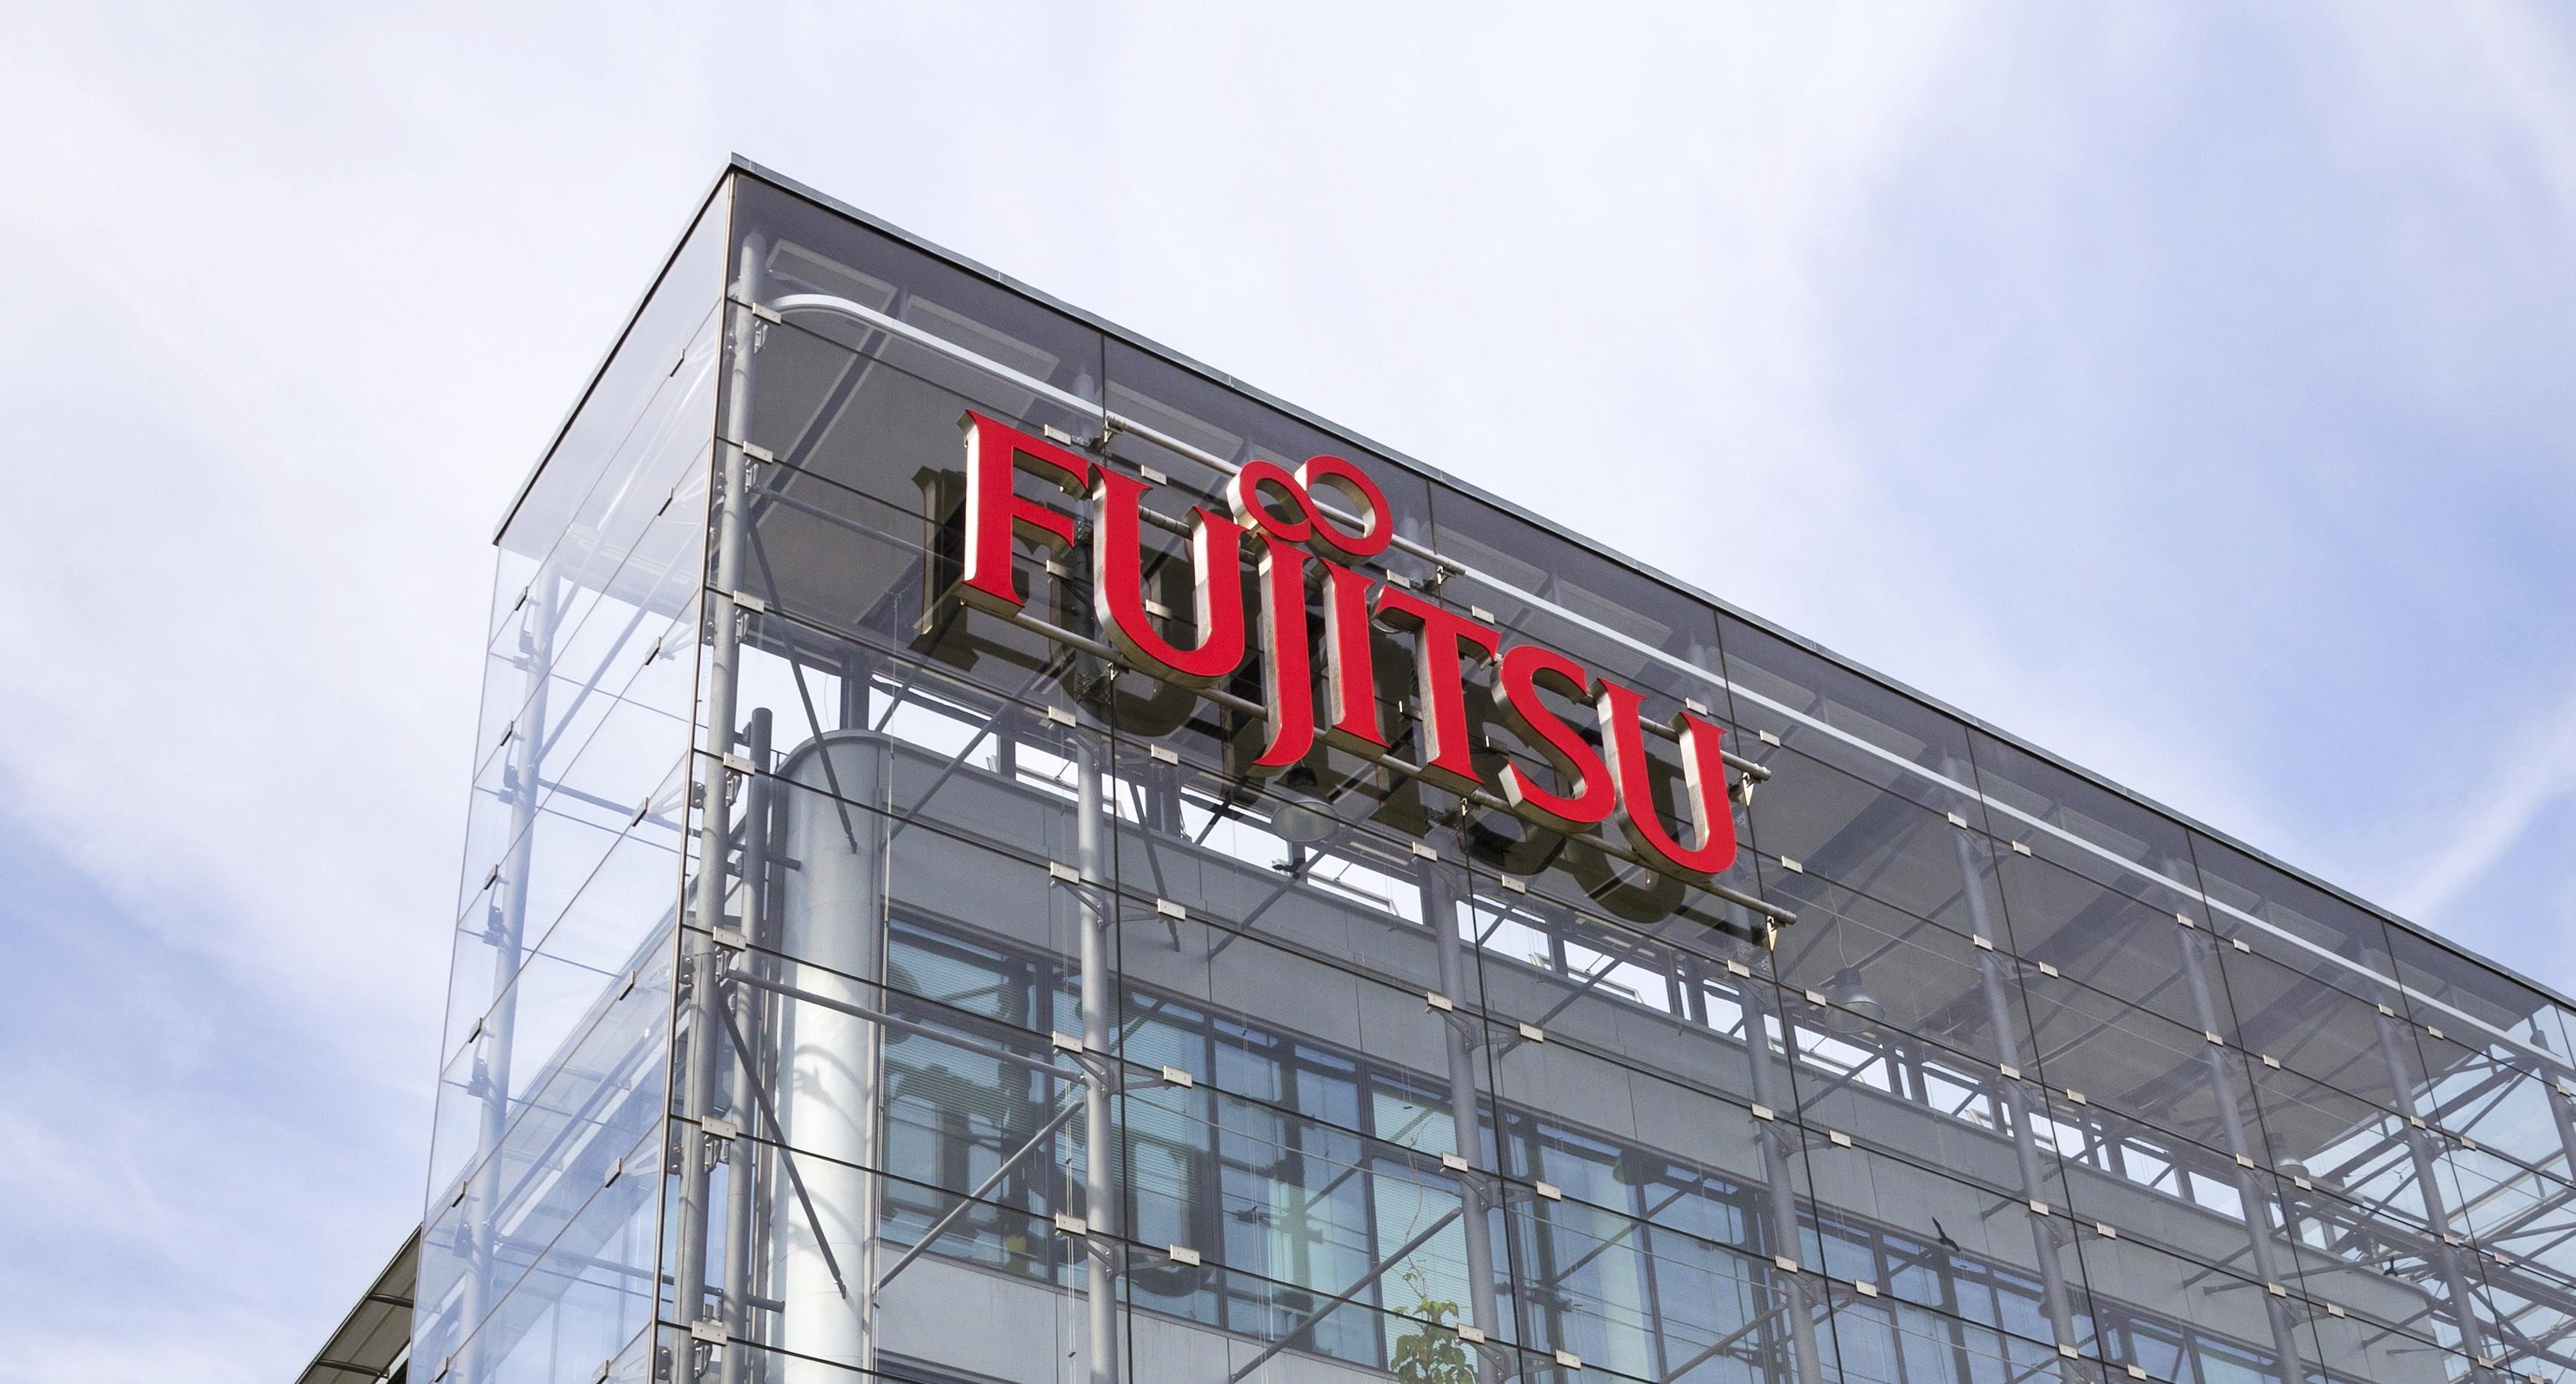 Fujitsu are în plan comercializarea unei platforme Blockchain pentru companii